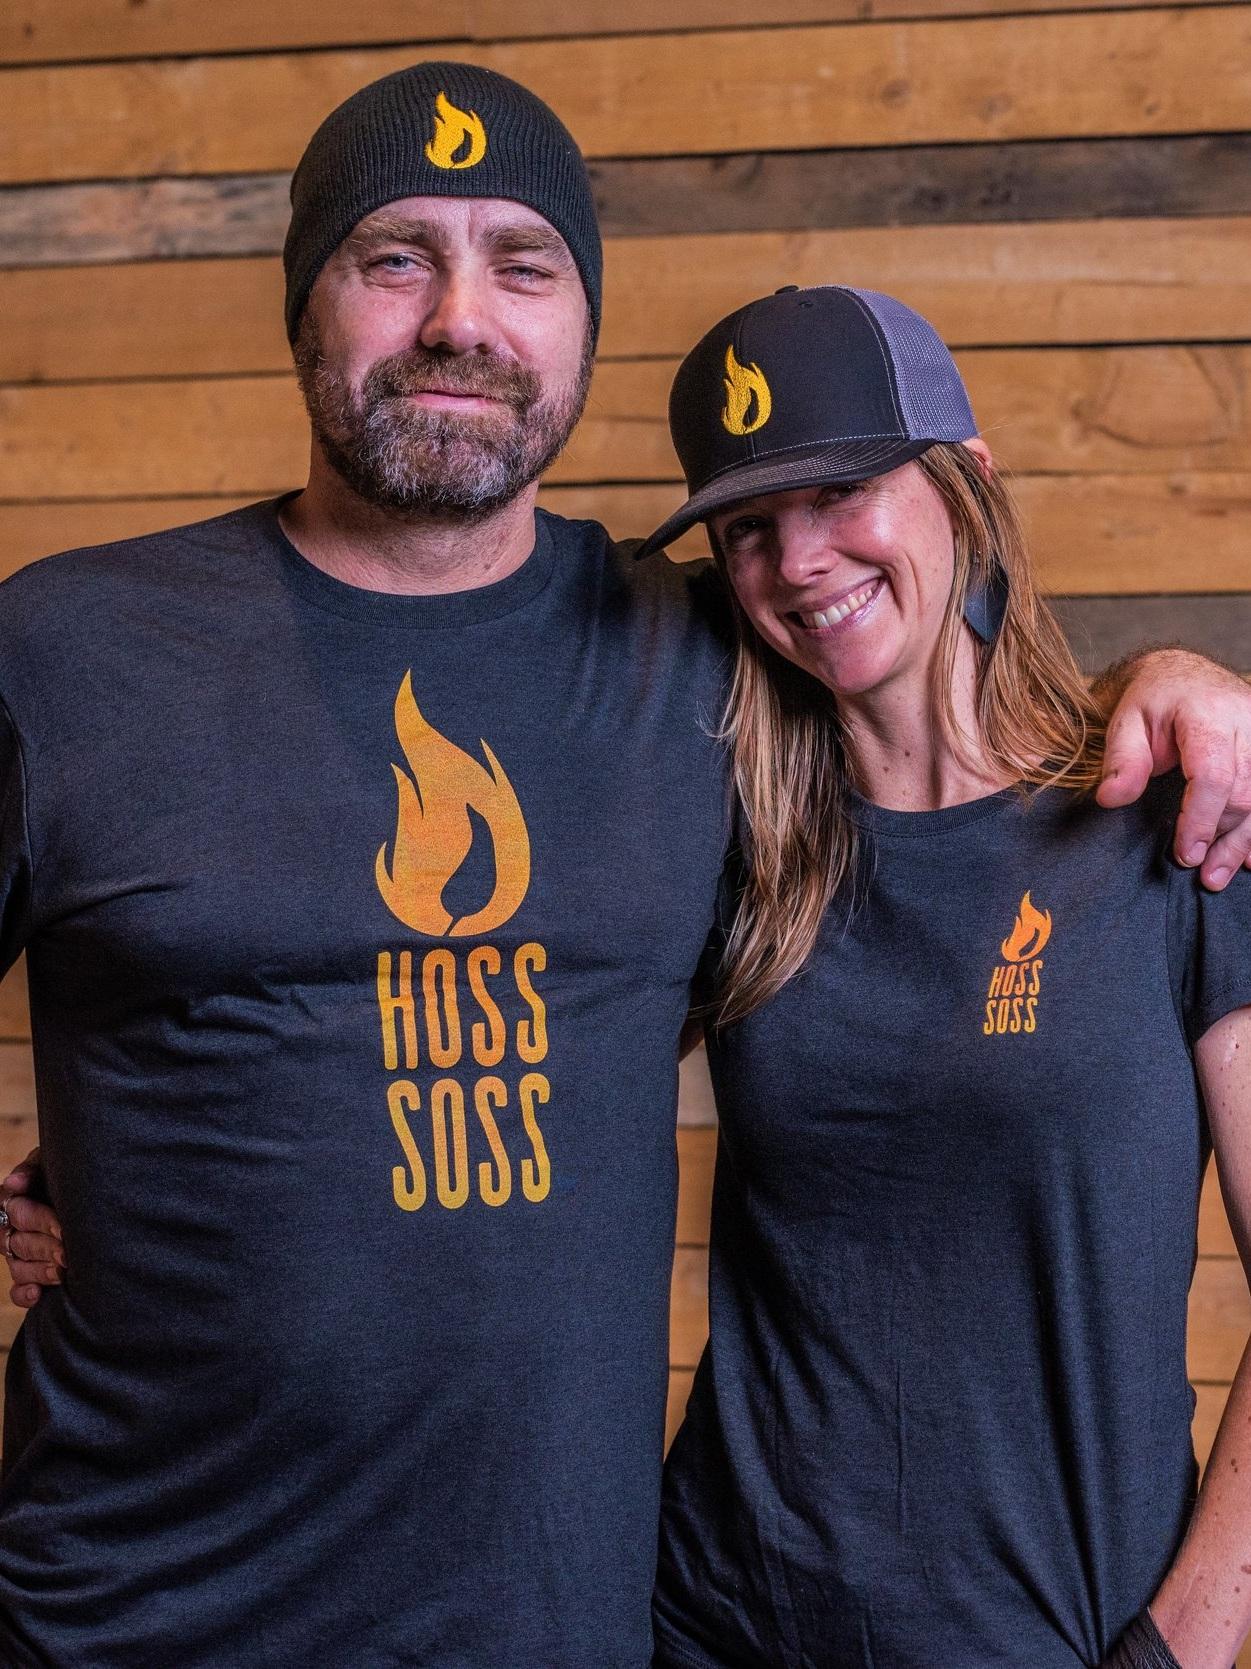 HS+Tshirts+2019.jpg